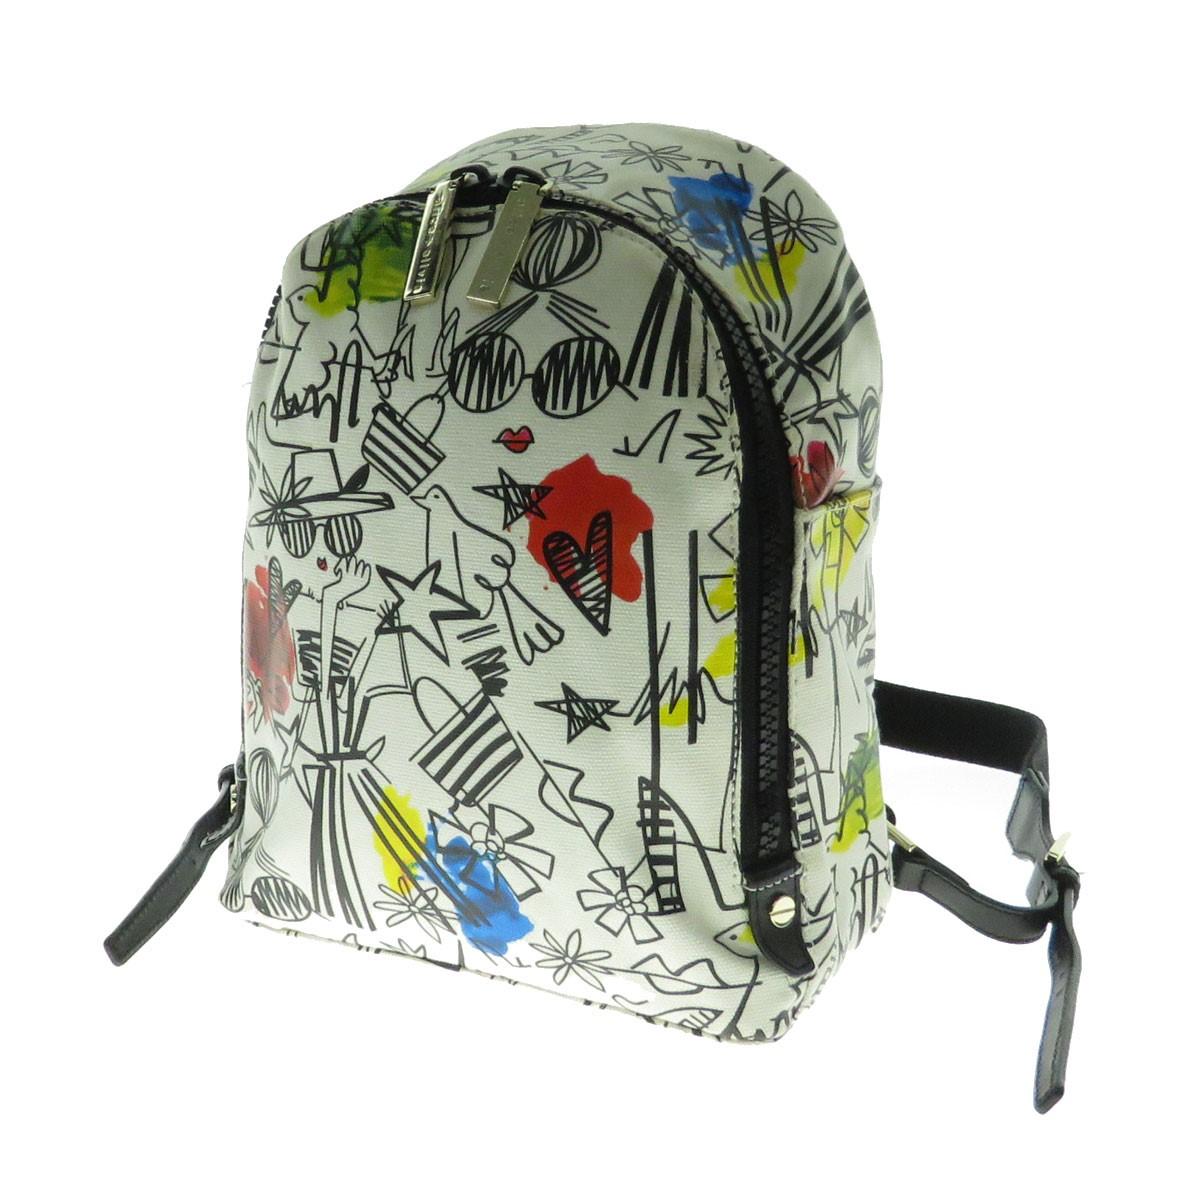 【中古】alice olivia Graffiti Print Small Backpack 総柄バックパック リュックサック ホワイト 【221019】(アリスアンドオリビア)